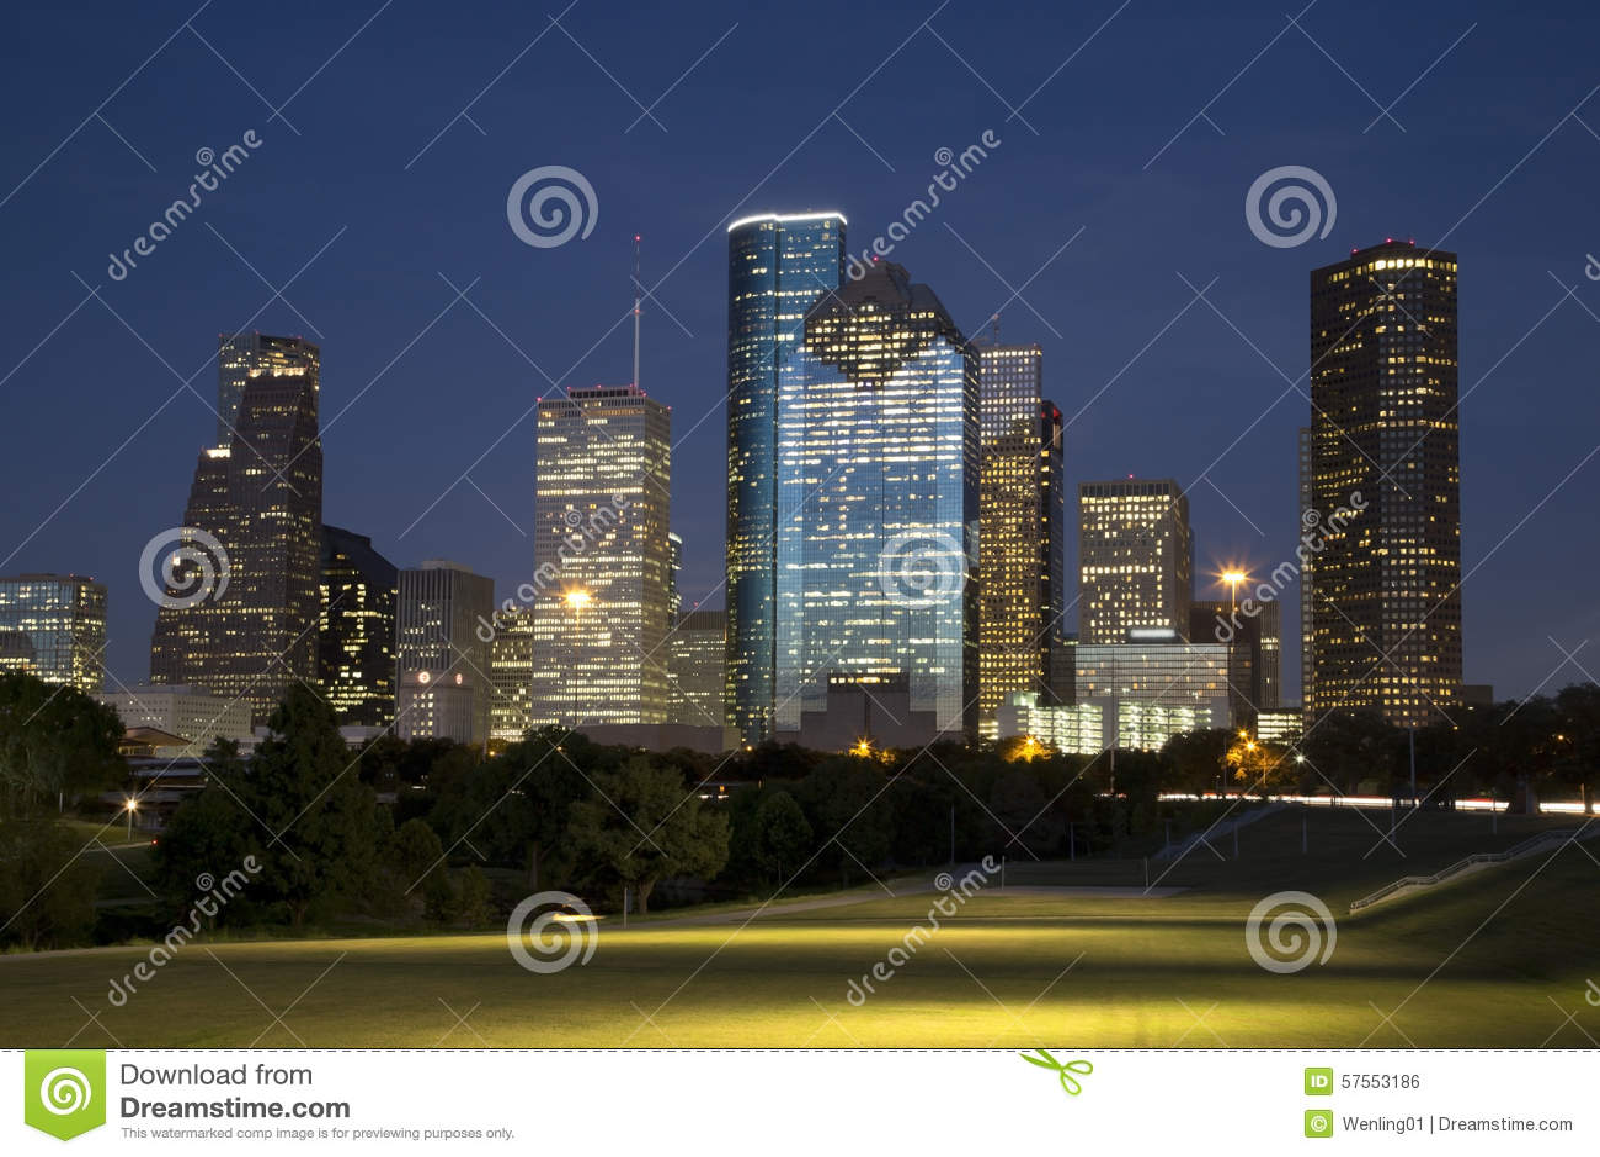 Beautiful downtown Houston night